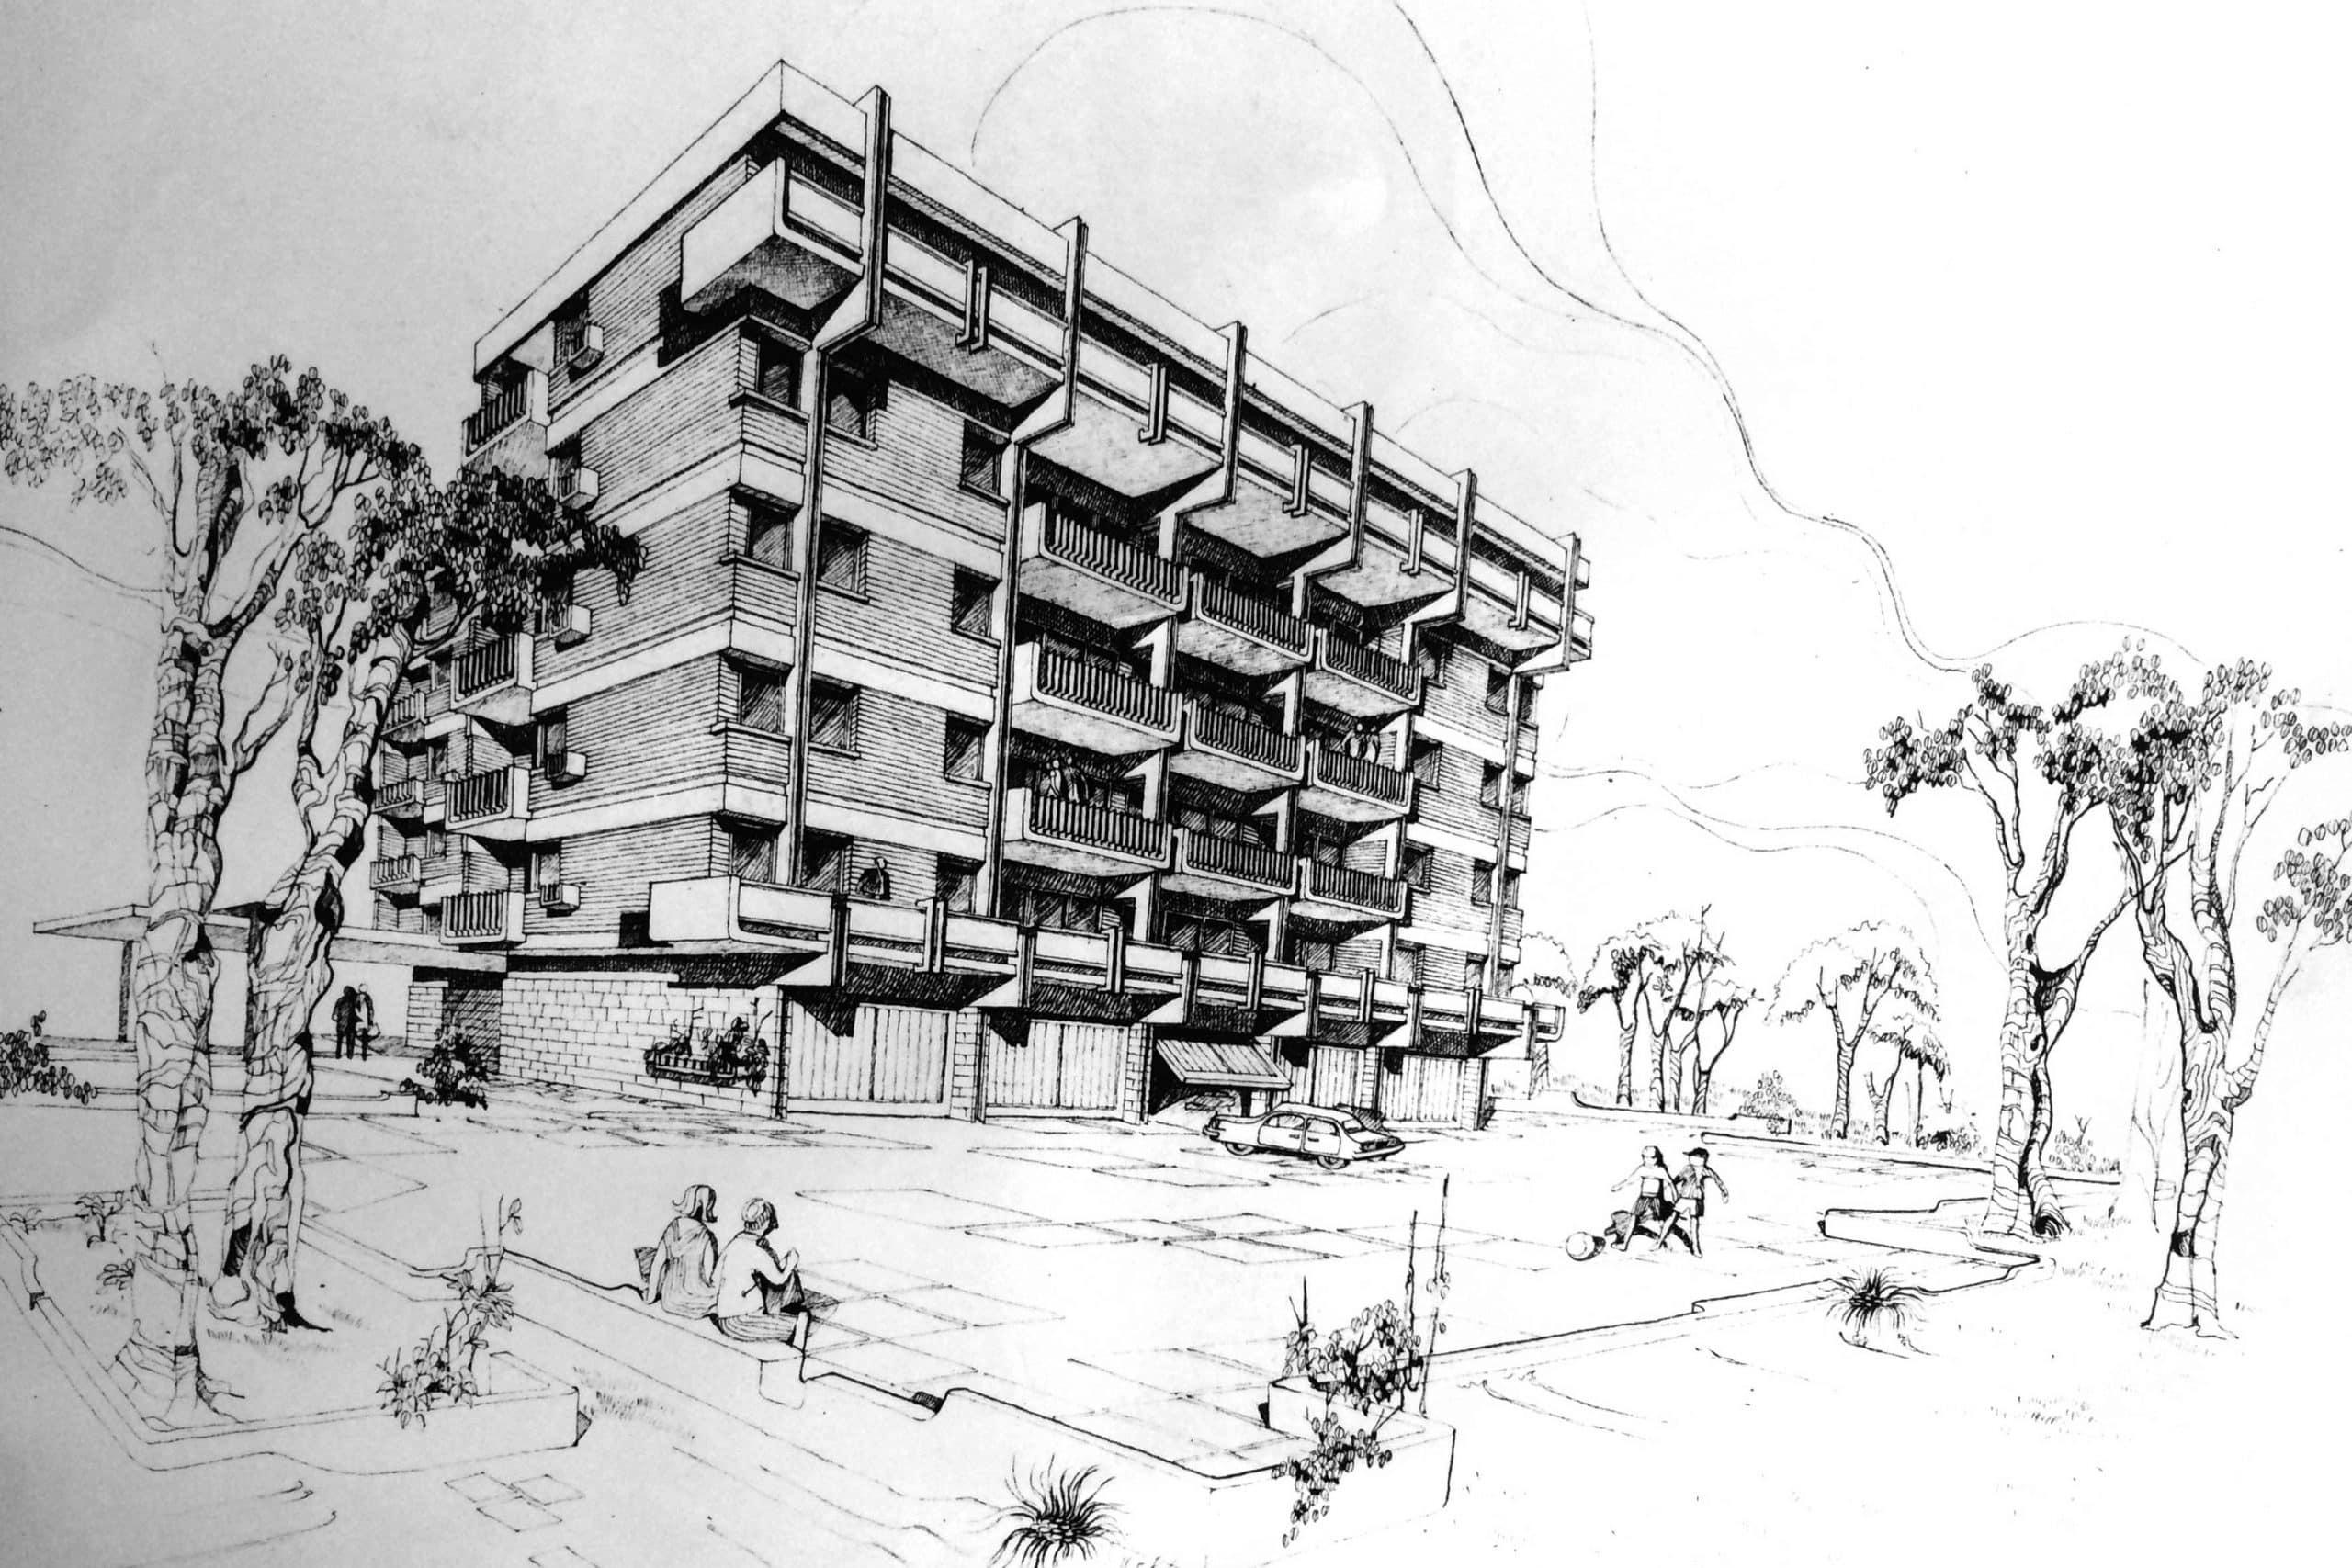 7 - Complesso di tre edifici residenziali per 60 alloggi in via Testa, Isernia; con R. De Vito - Vista prospettica